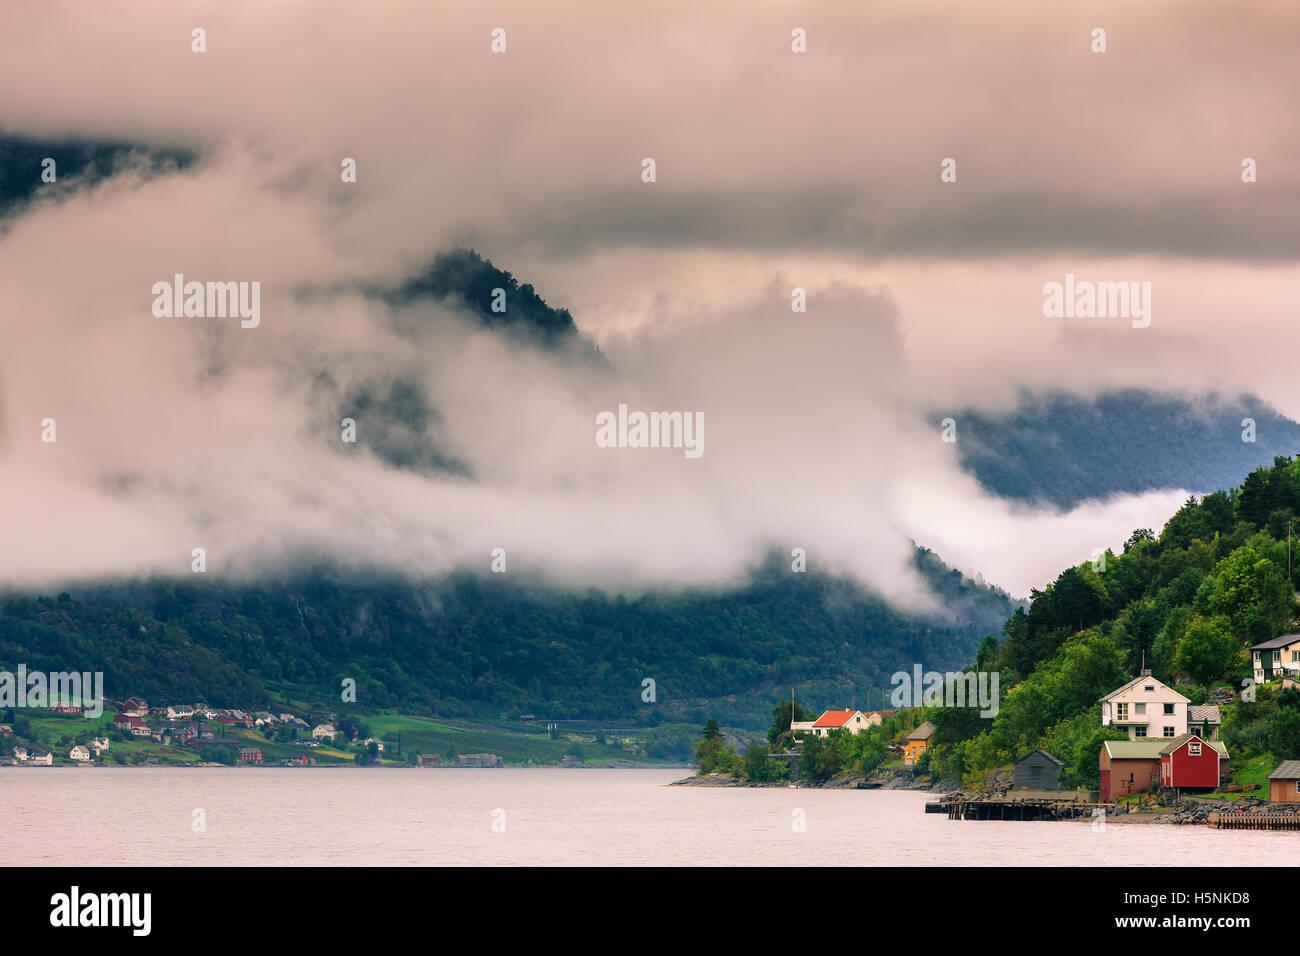 Le Hardangerfjord est le quatrième plus long fjord du monde, et le deuxième plus long fjord de Norvège. Photo Stock